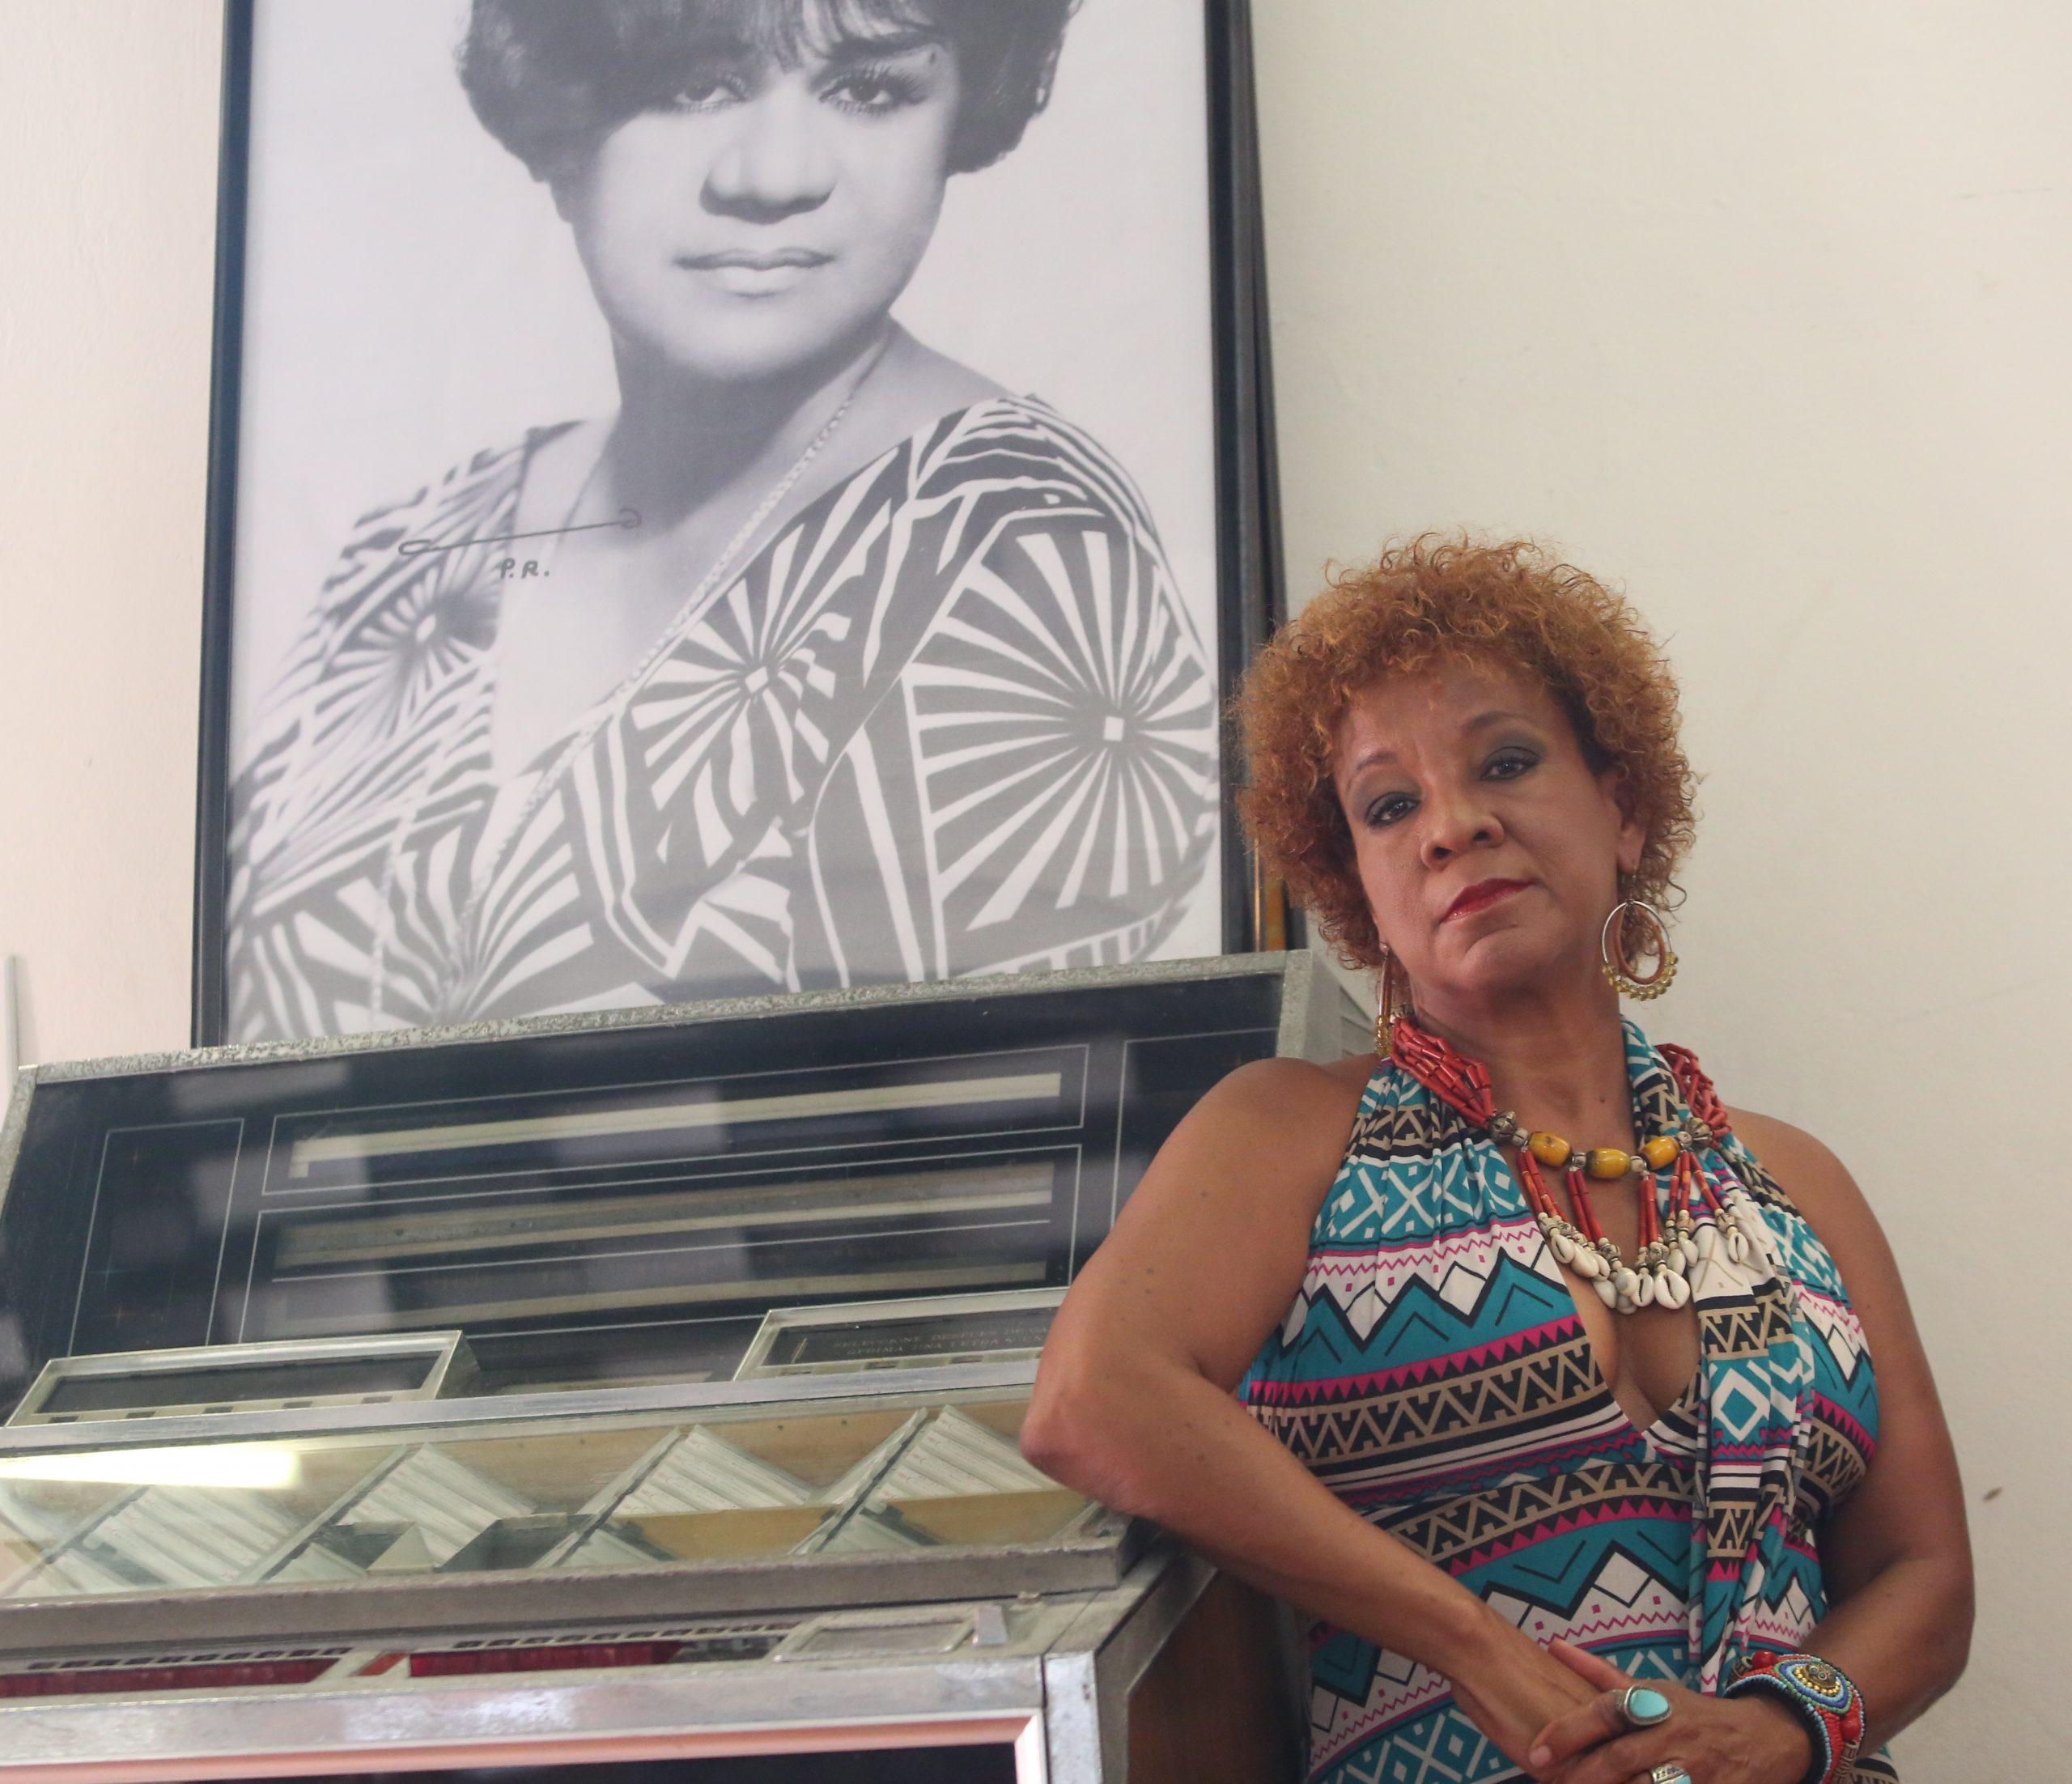 """La cantante quiere llevar su homenaje al disco. (Foto Félix Ayala """"Guayciba"""" para Fundación Nacional para la Cultura Popular)"""